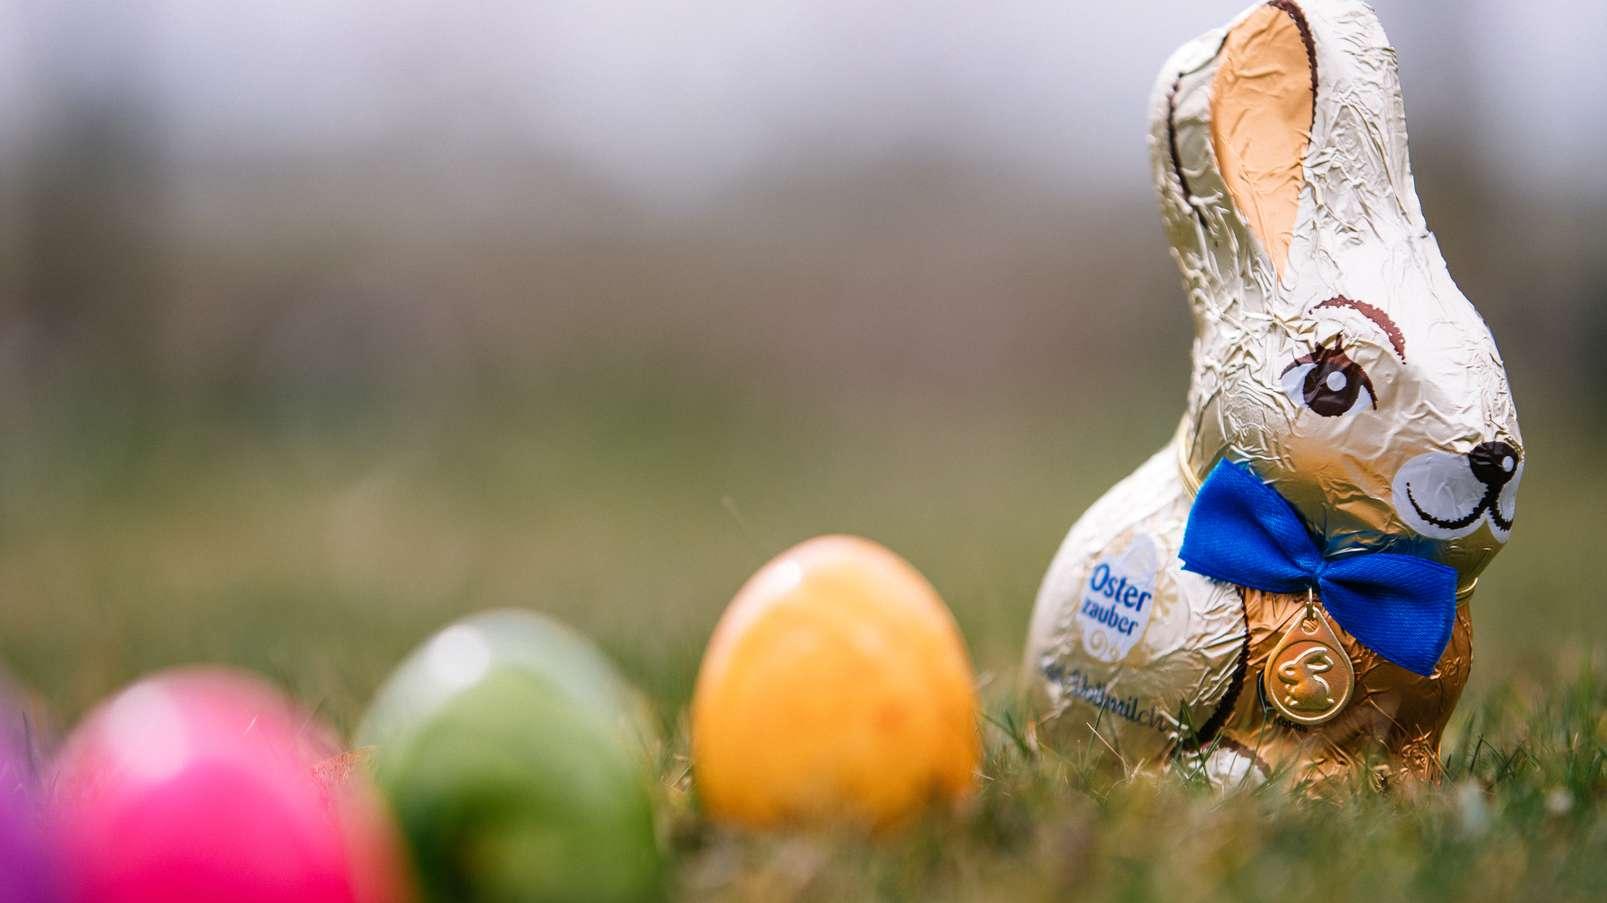 Schokohase und bunt gefärbte Eier im Grünen